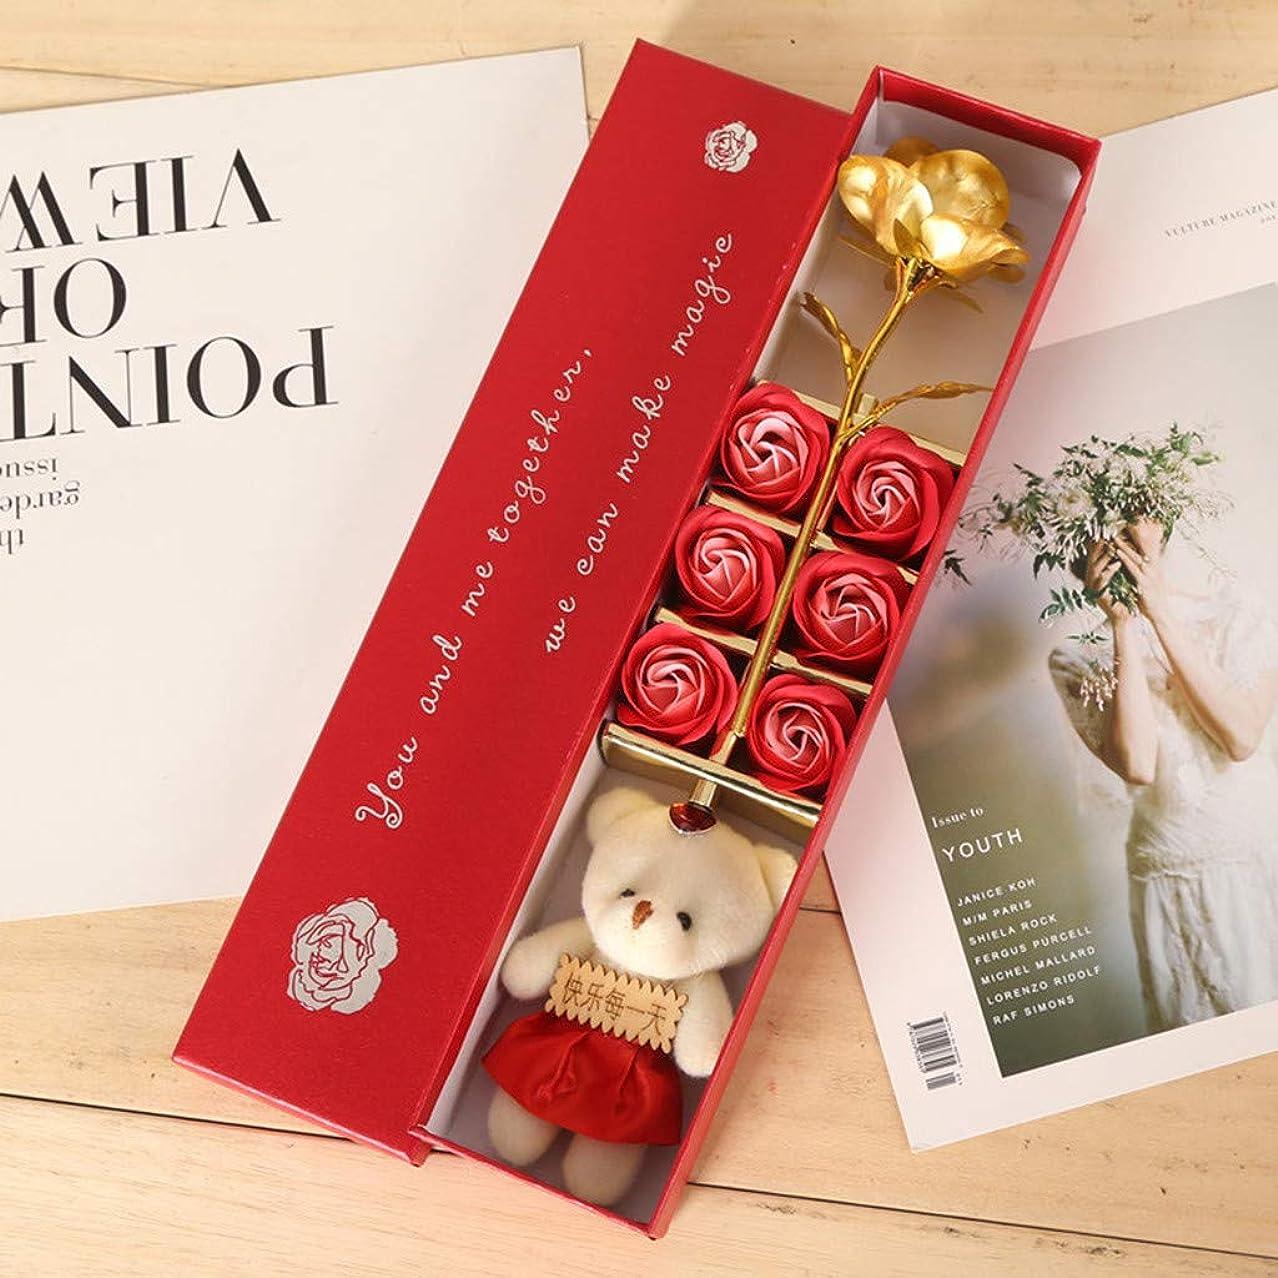 小屋受賞船形【ゴールデンローズギフトボックス】6石鹸のバラの花/せっけんの花/かわいいバラ/素敵な女の子/ママへのユニークな贈り物/誕生日/母の日/記念日/バレンタインデー/卒業プレゼント/あなたが愛した人のための女性 (レッド)